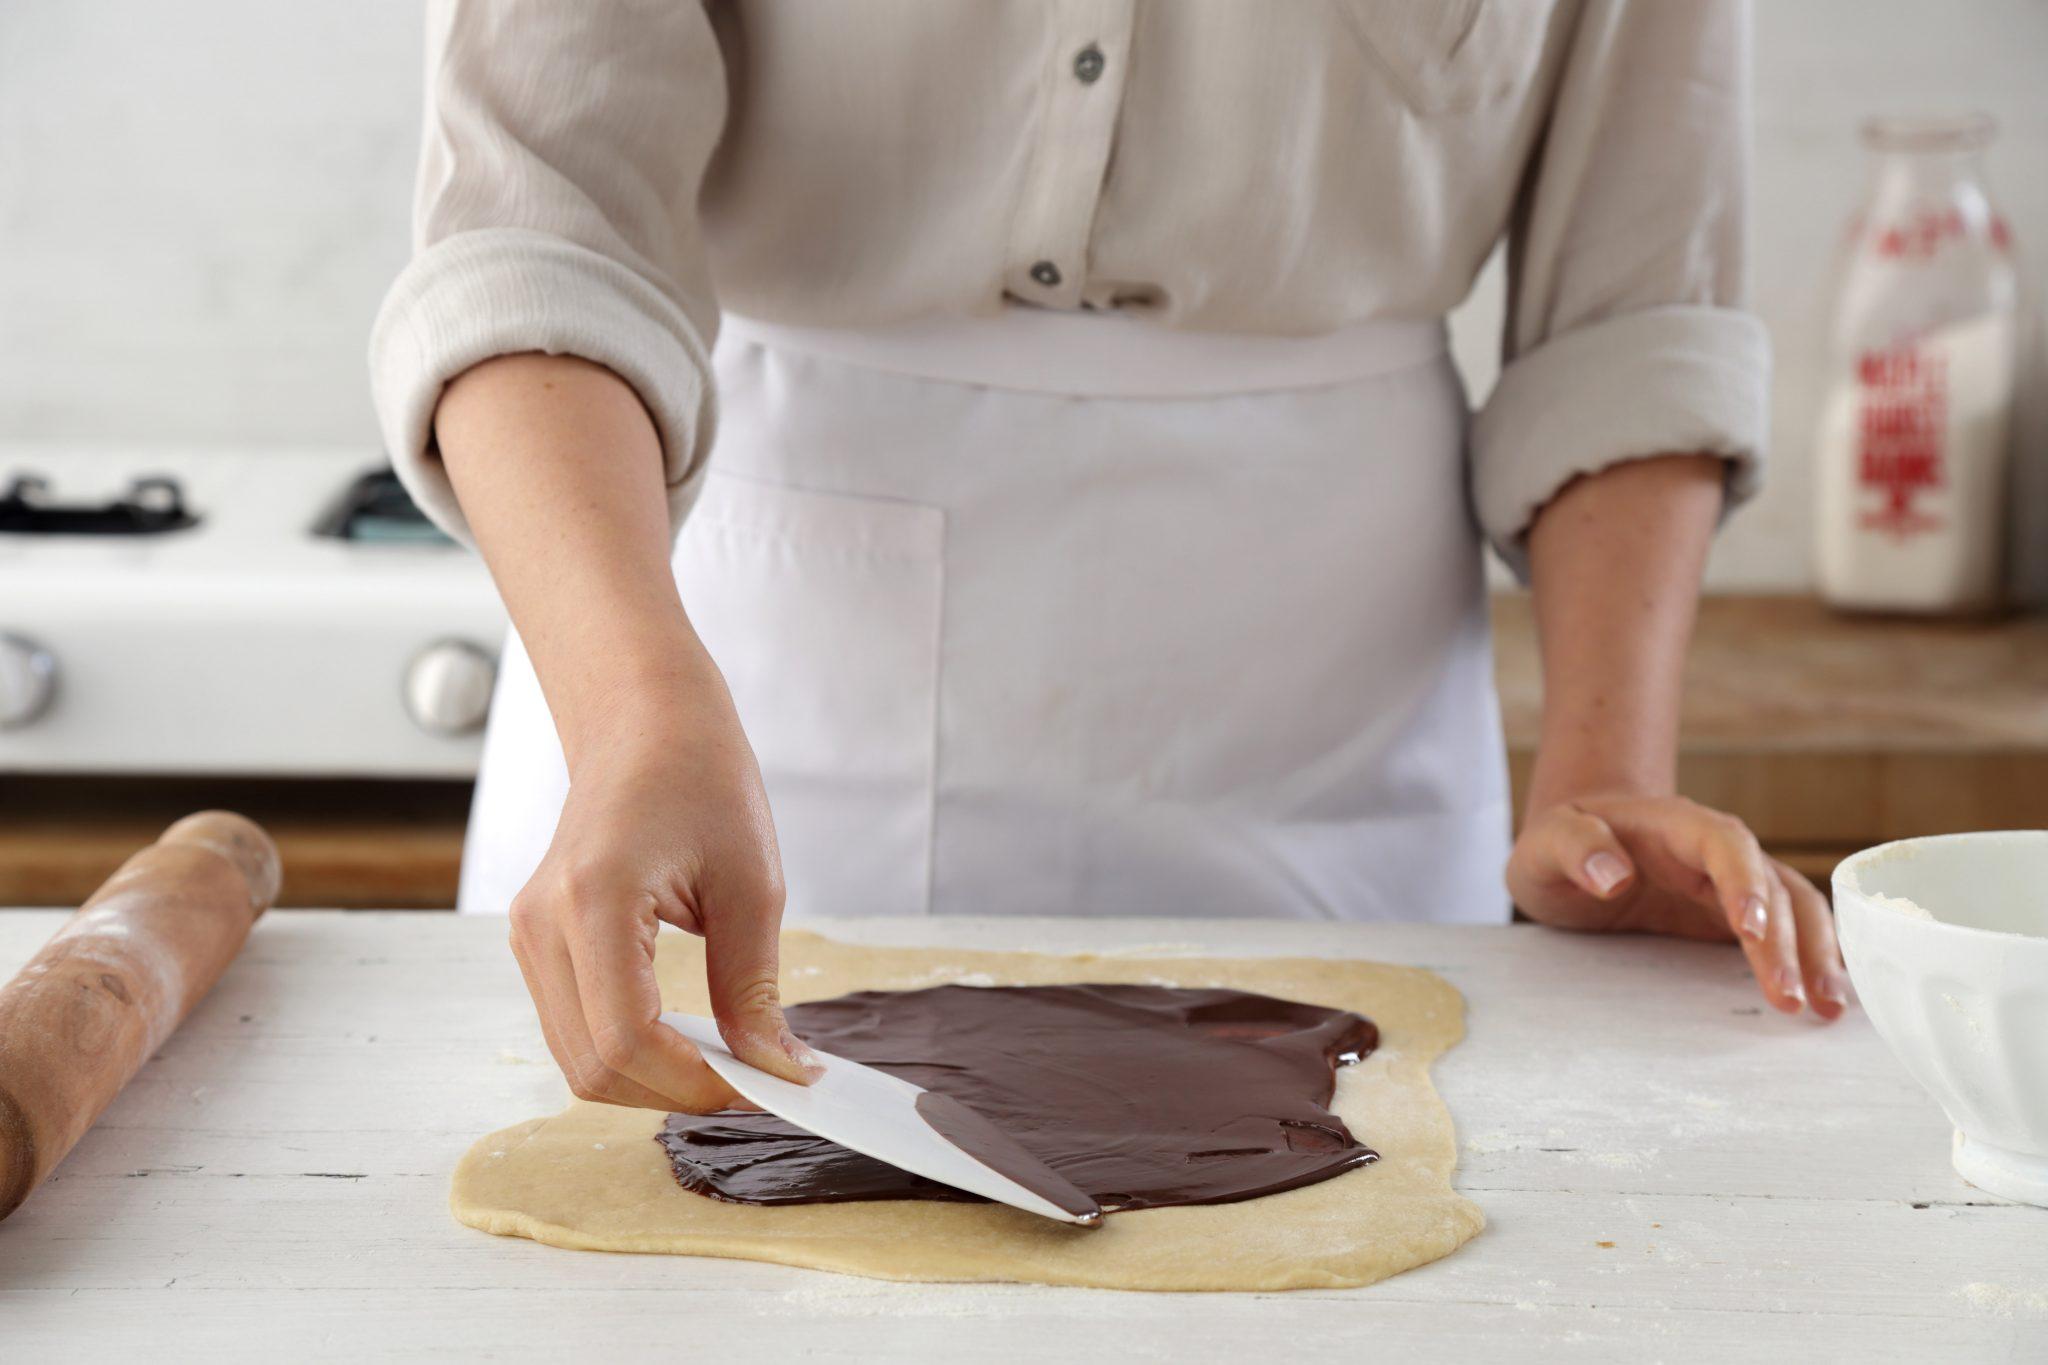 מורחים מחצית מכמות מלית השוקולד בשכבה דקה.